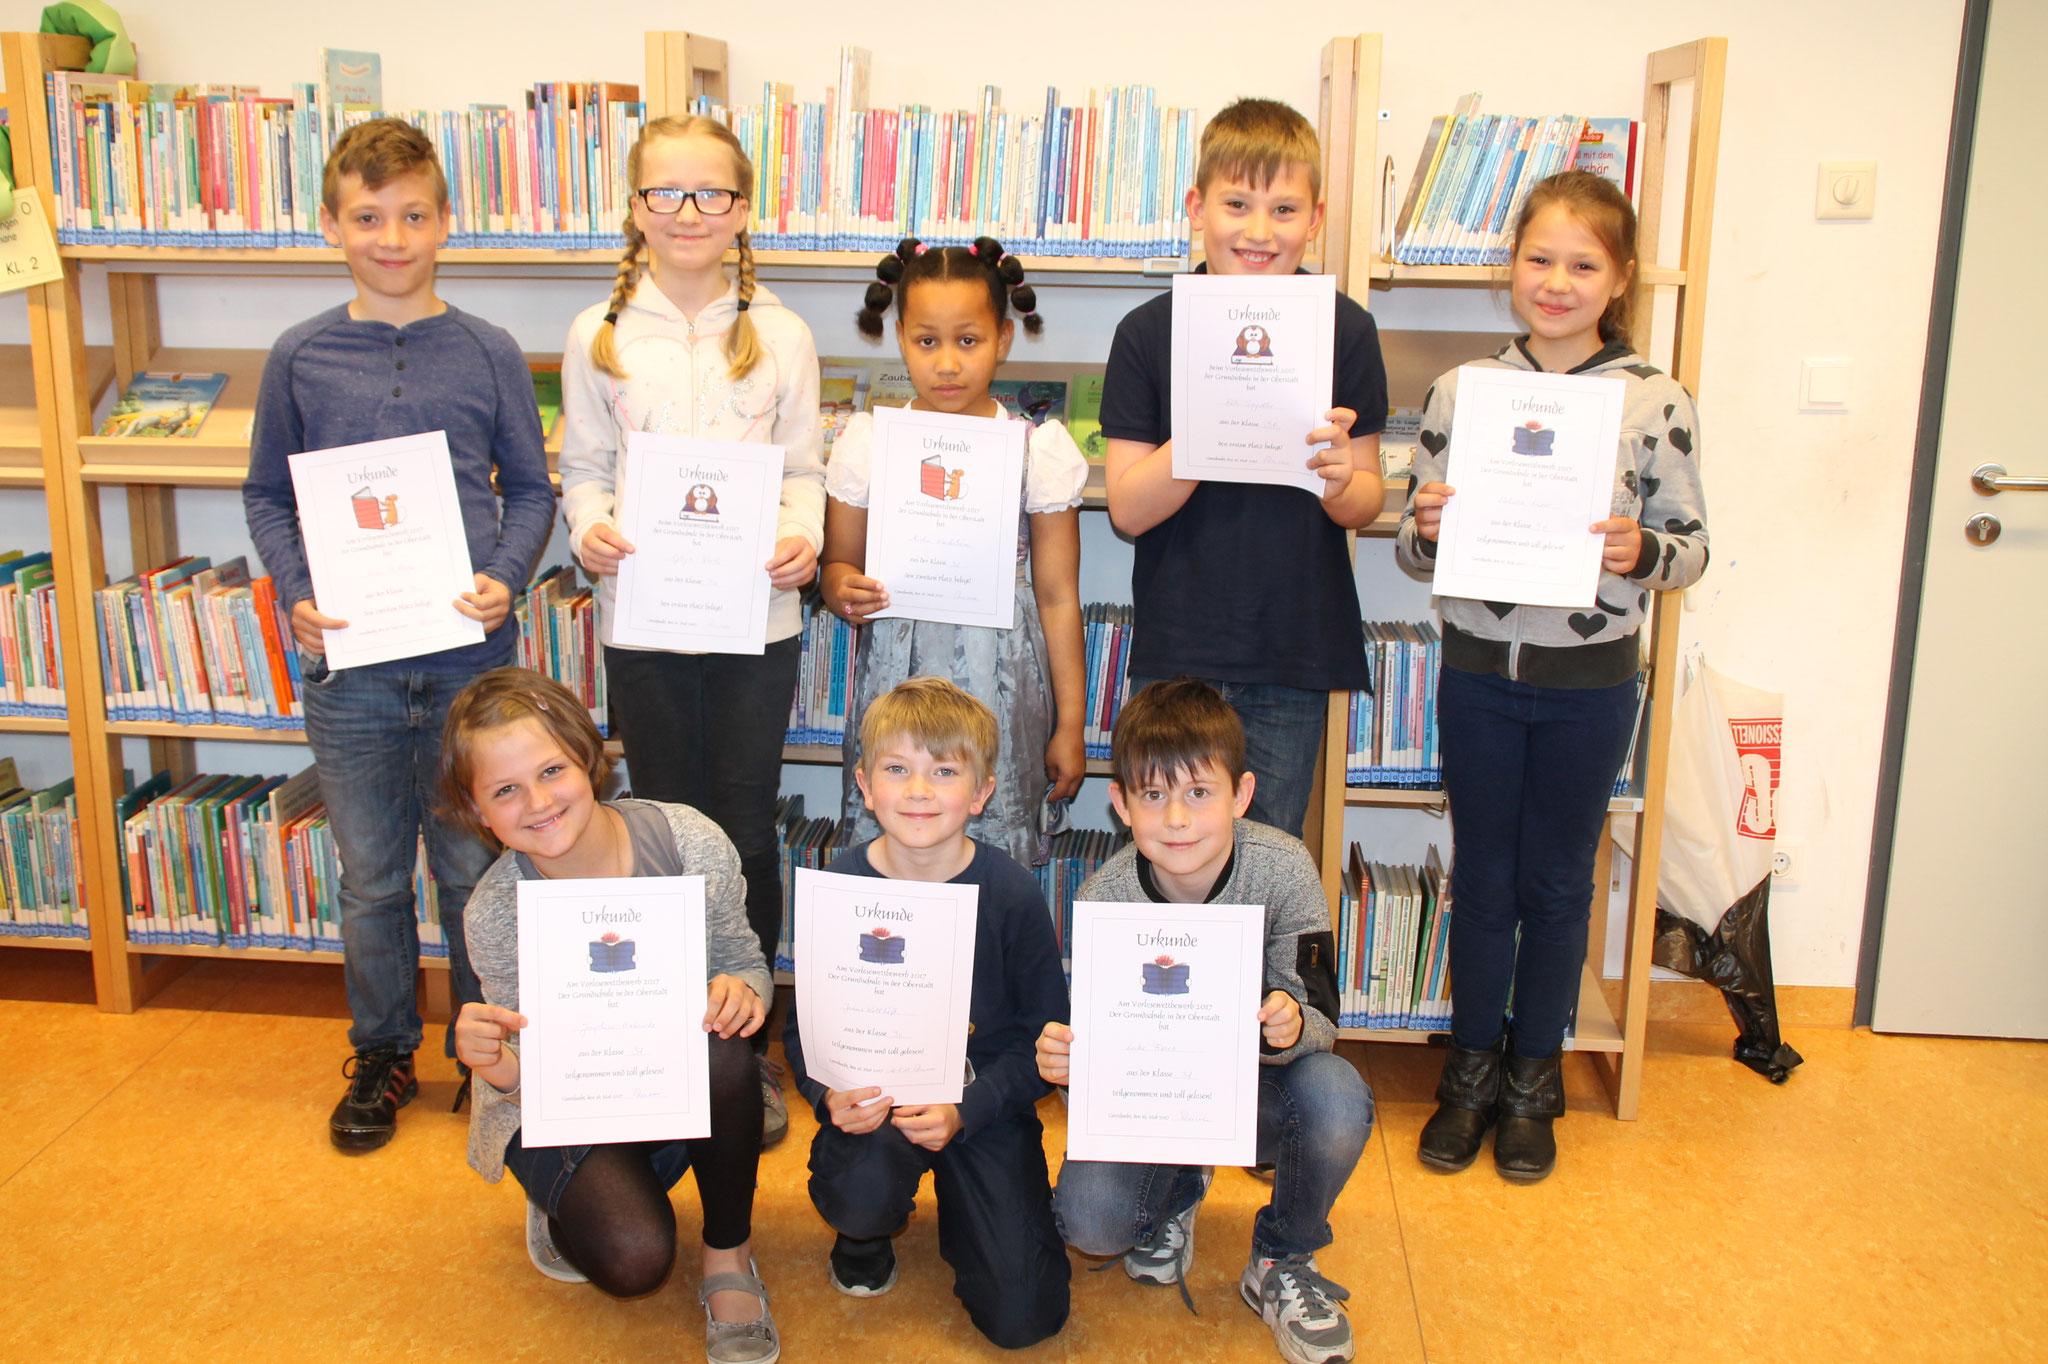 Jeder Leser erhielt für seine Leistungen eine Urkunde (Kl. 3)